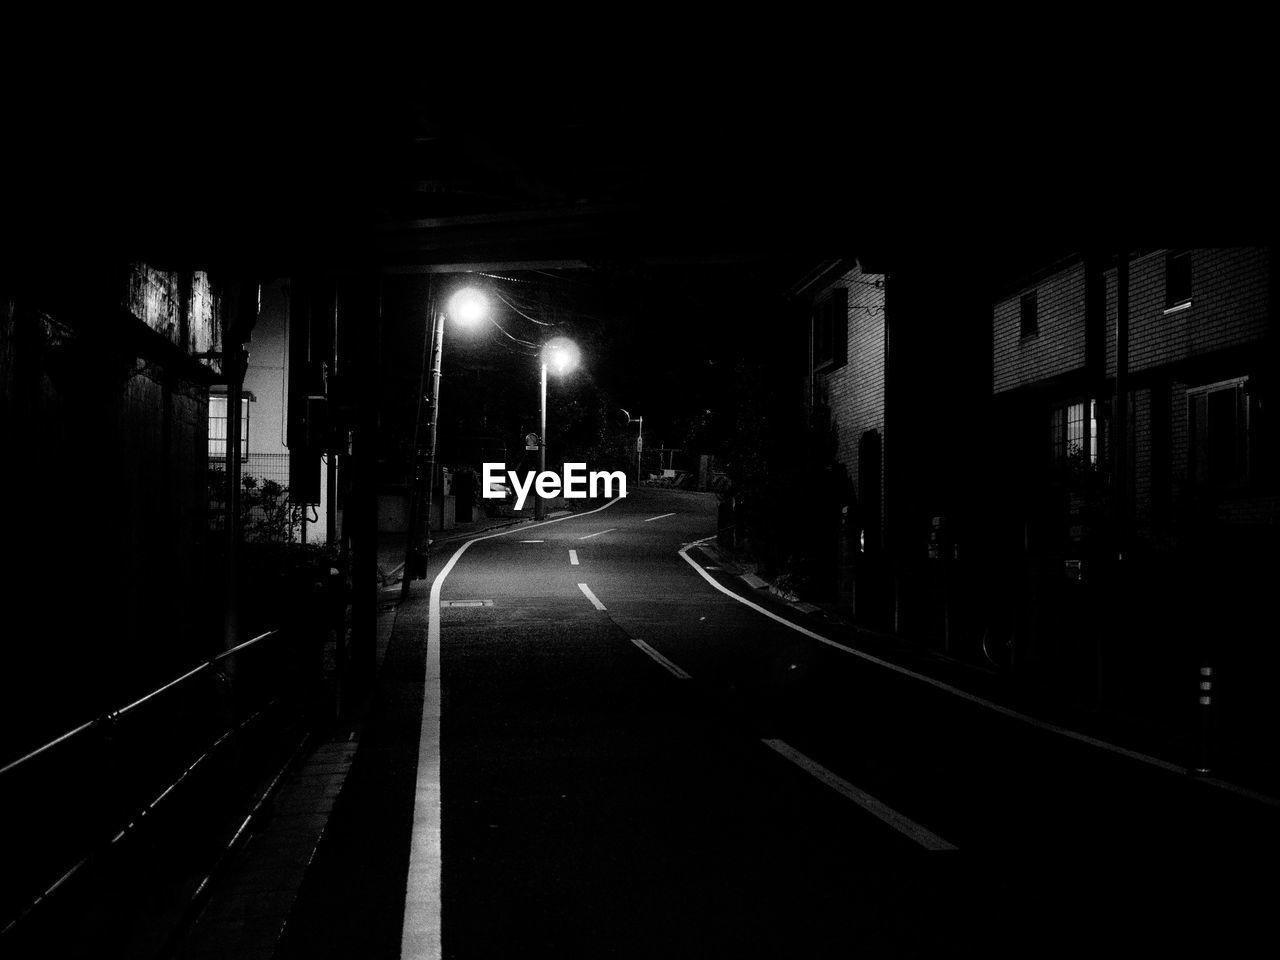 EMPTY ROAD ALONG ILLUMINATED STREET AT NIGHT